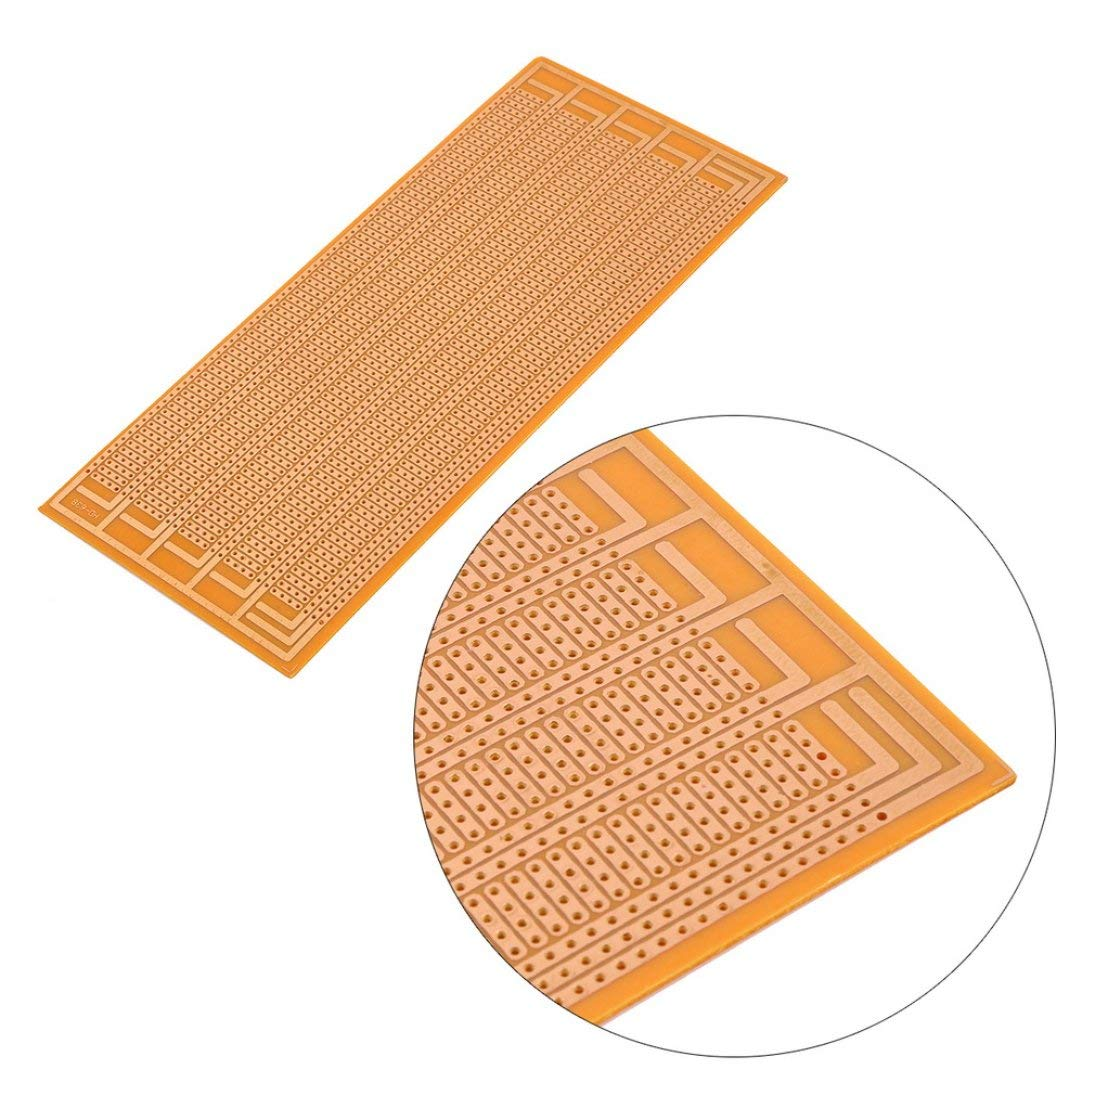 Planche /à pain universelle 8.5x20cm de carte m/ère universelle de circuit imprim/é de matrice de cuivre de c/ôt/é de prototype l/éger durable de DIY ToGames-FR